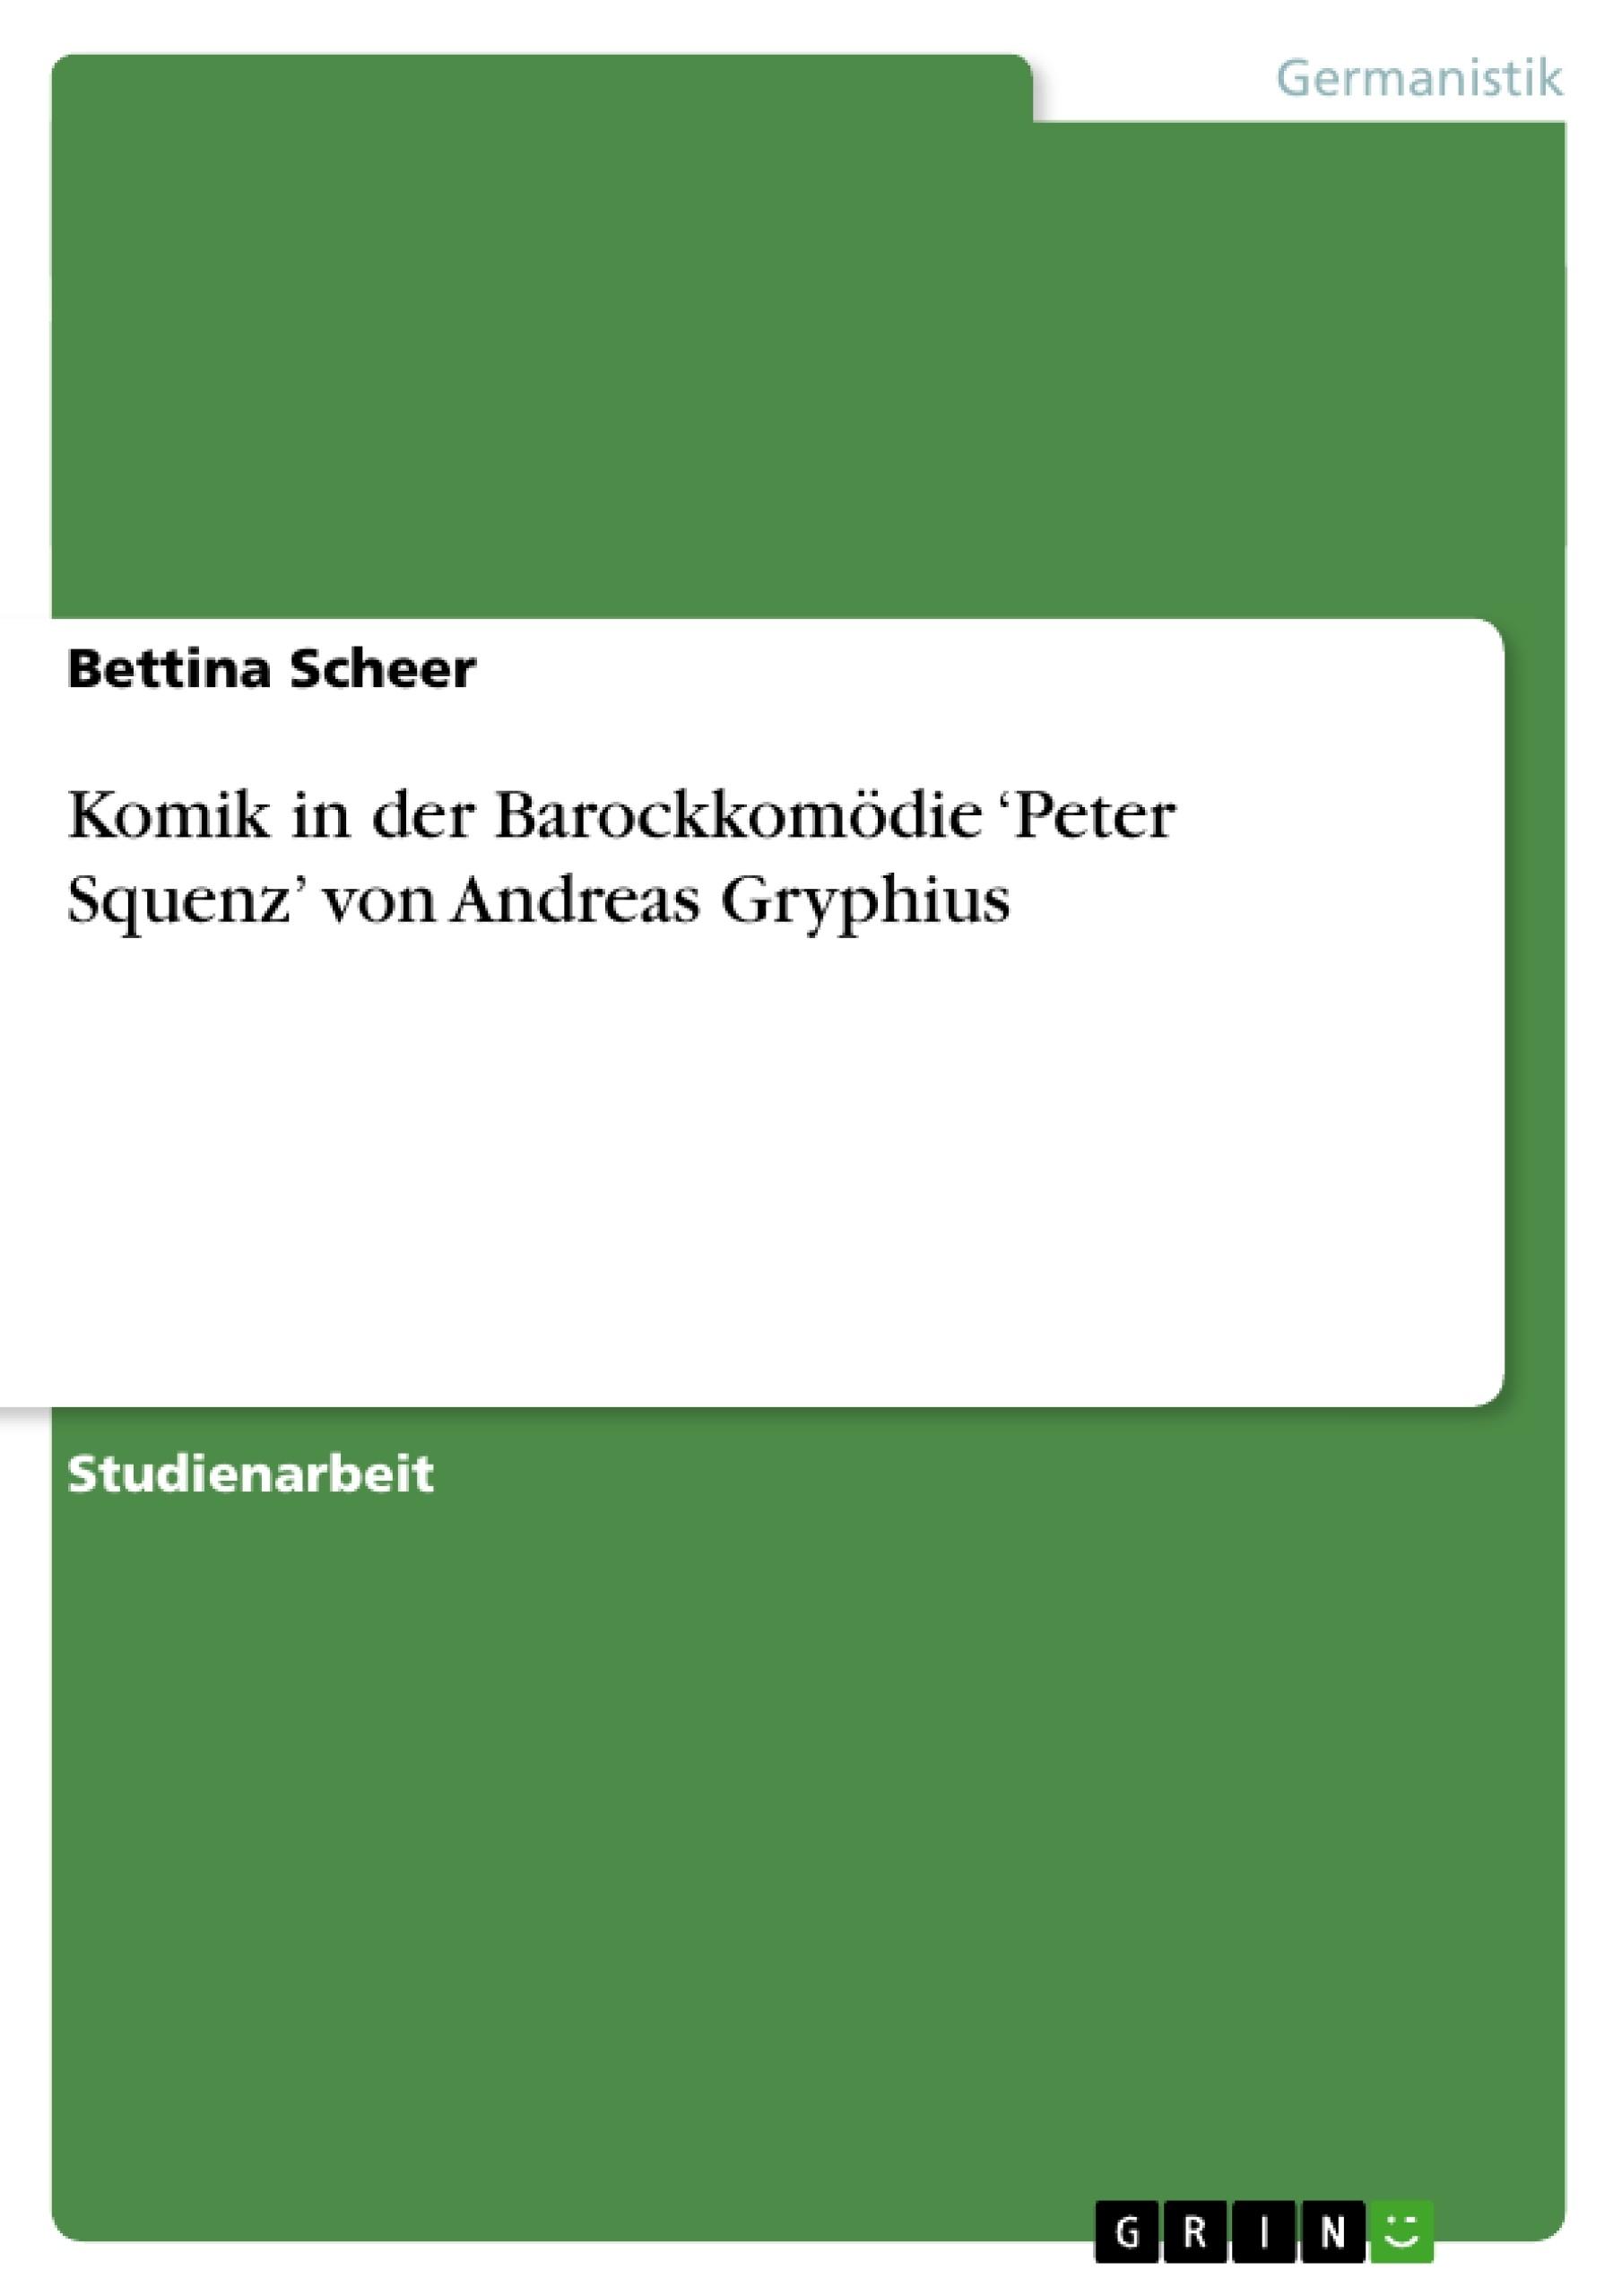 Titel: Komik in der Barockkomödie 'Peter Squenz' von Andreas Gryphius